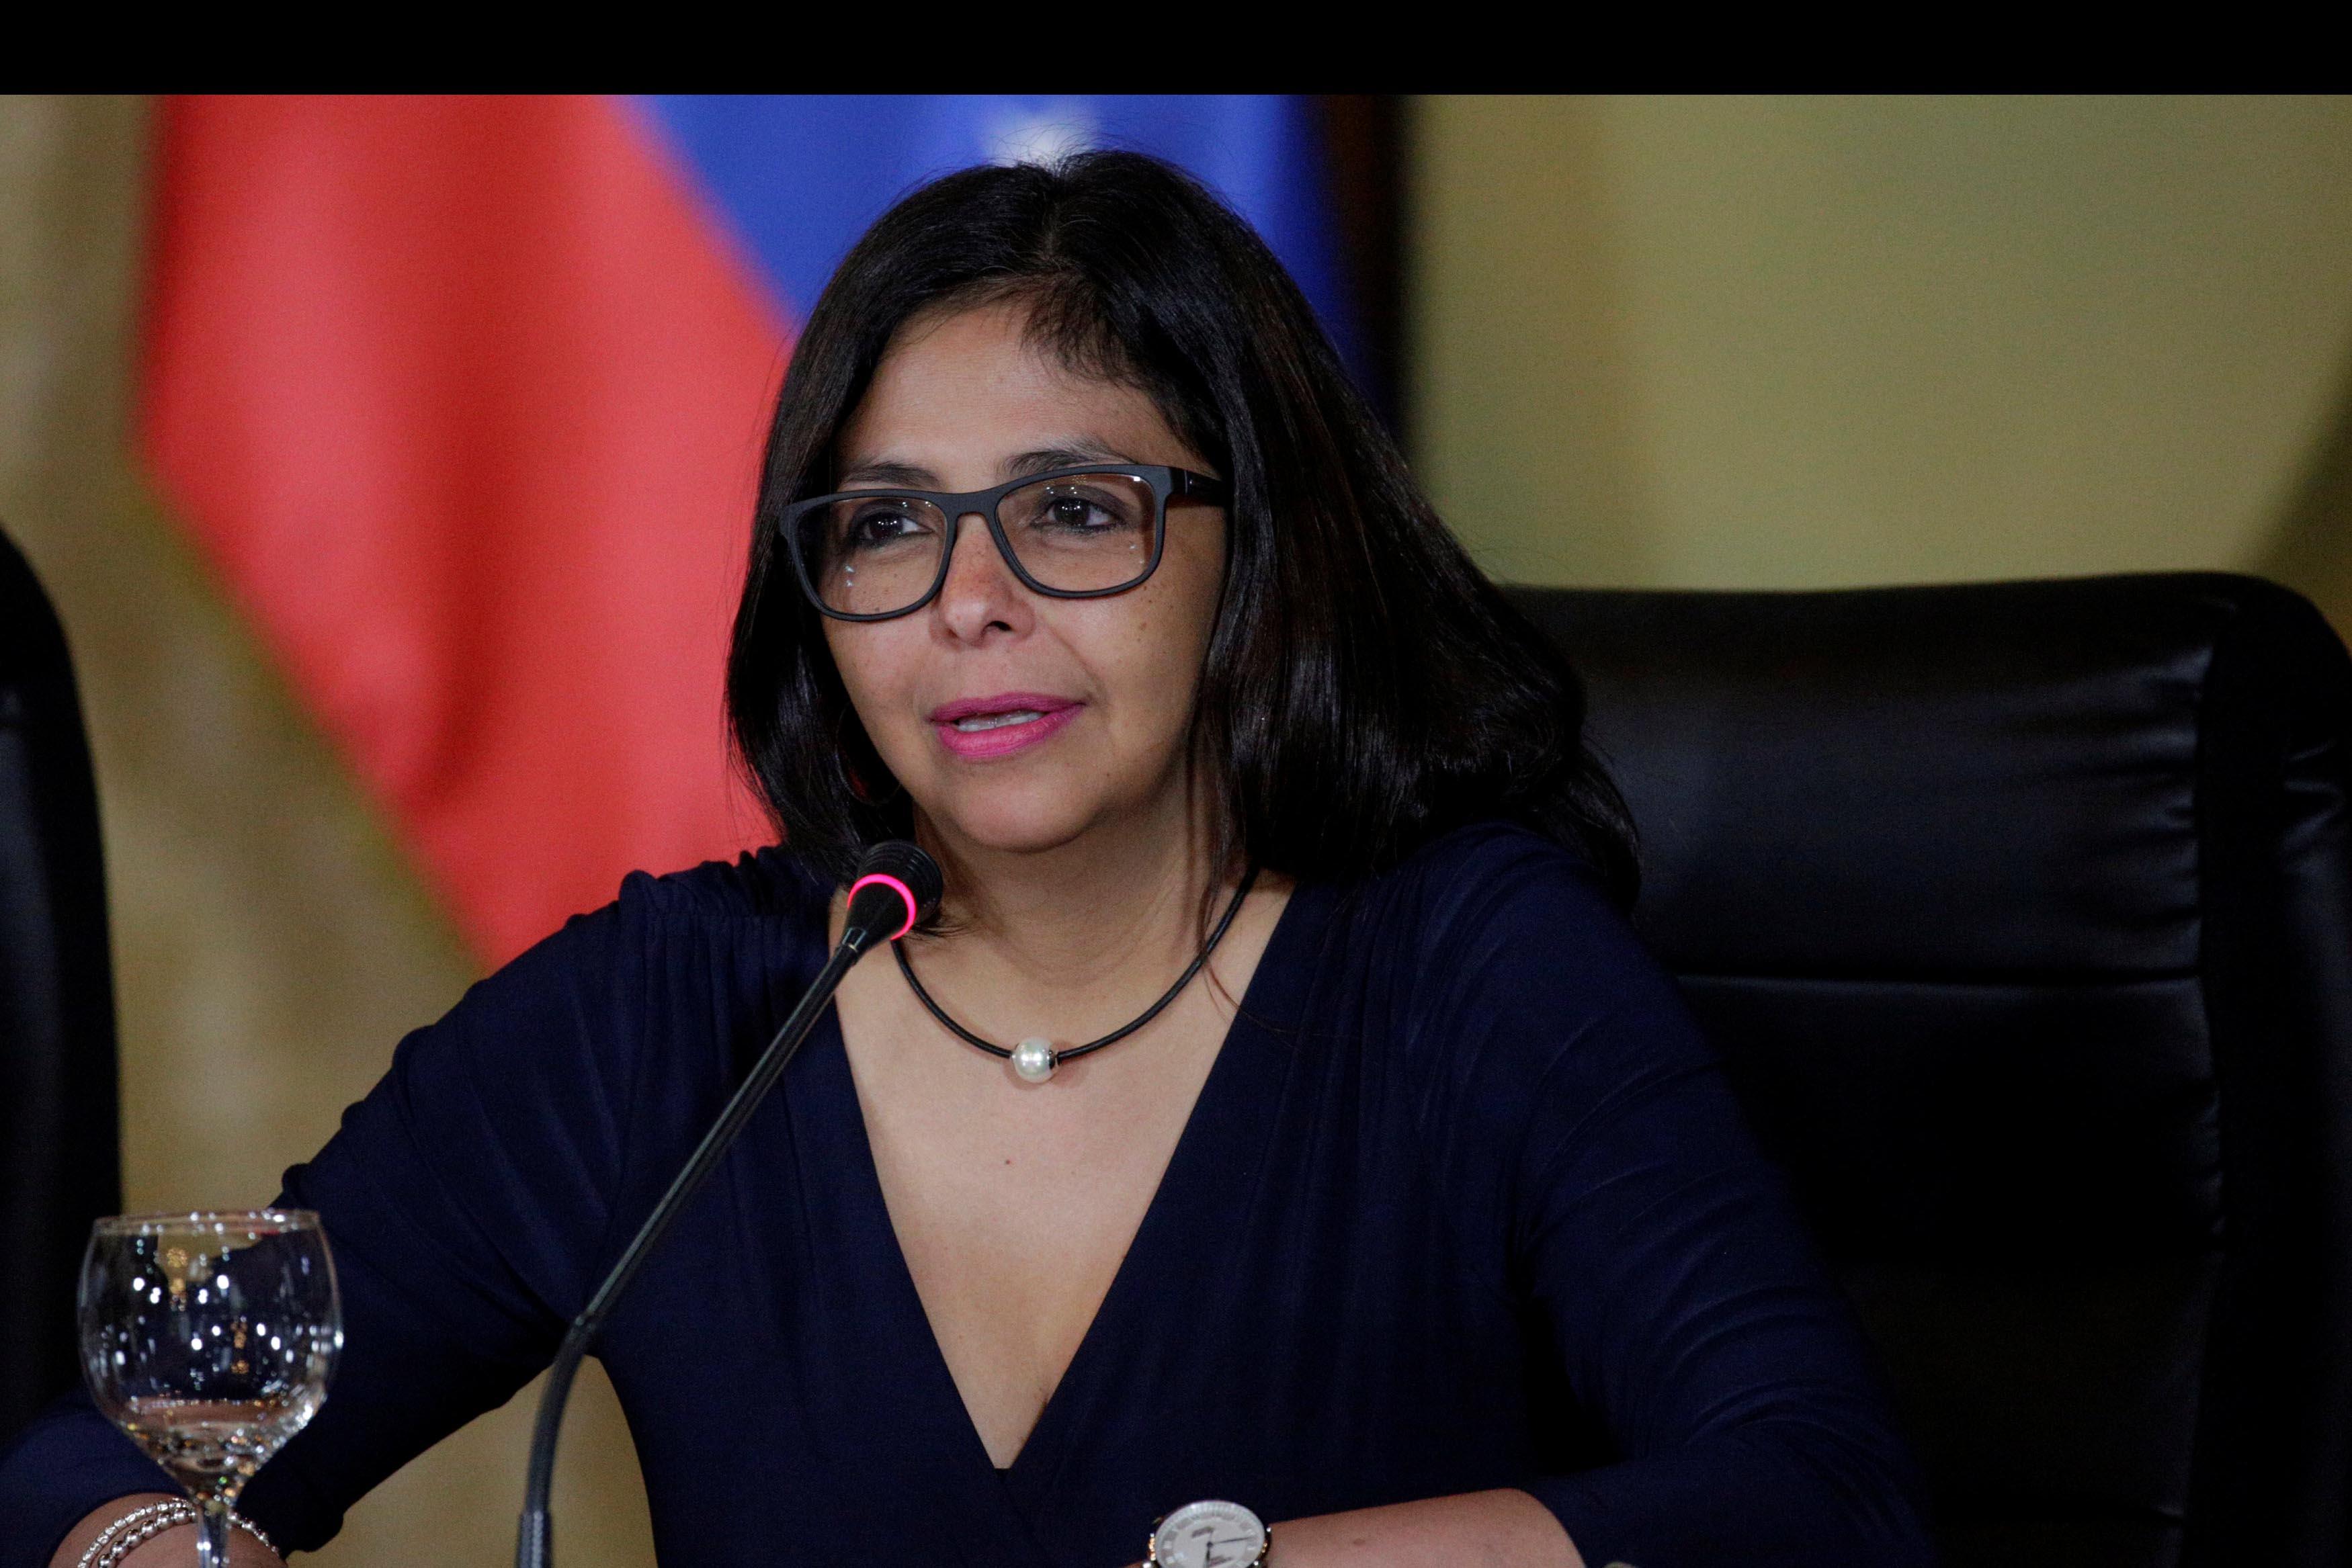 La presidenta de la ANC dice que decreto de Estados Unidos formaliza un bloqueo financiero para el país